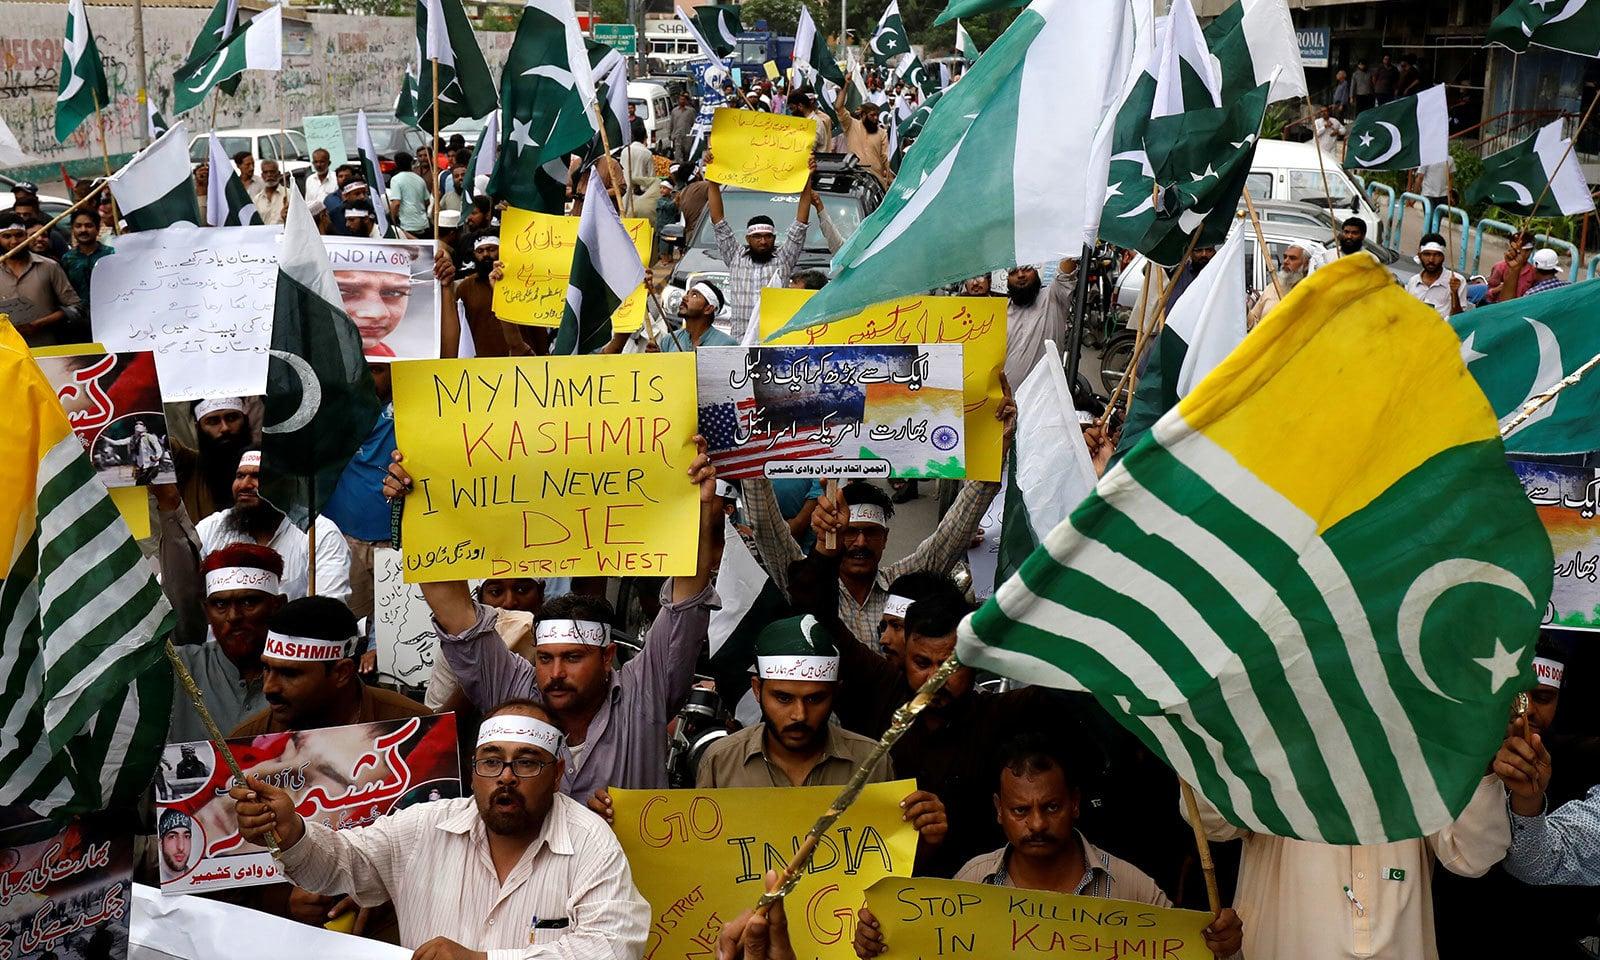 کراچی پریس کلب کے باہر مختلف جماعتوں نے کشمیری بھائیوں کے ساتھ یکجہتی کا اظہار کیا   — فوٹو: رائٹرز